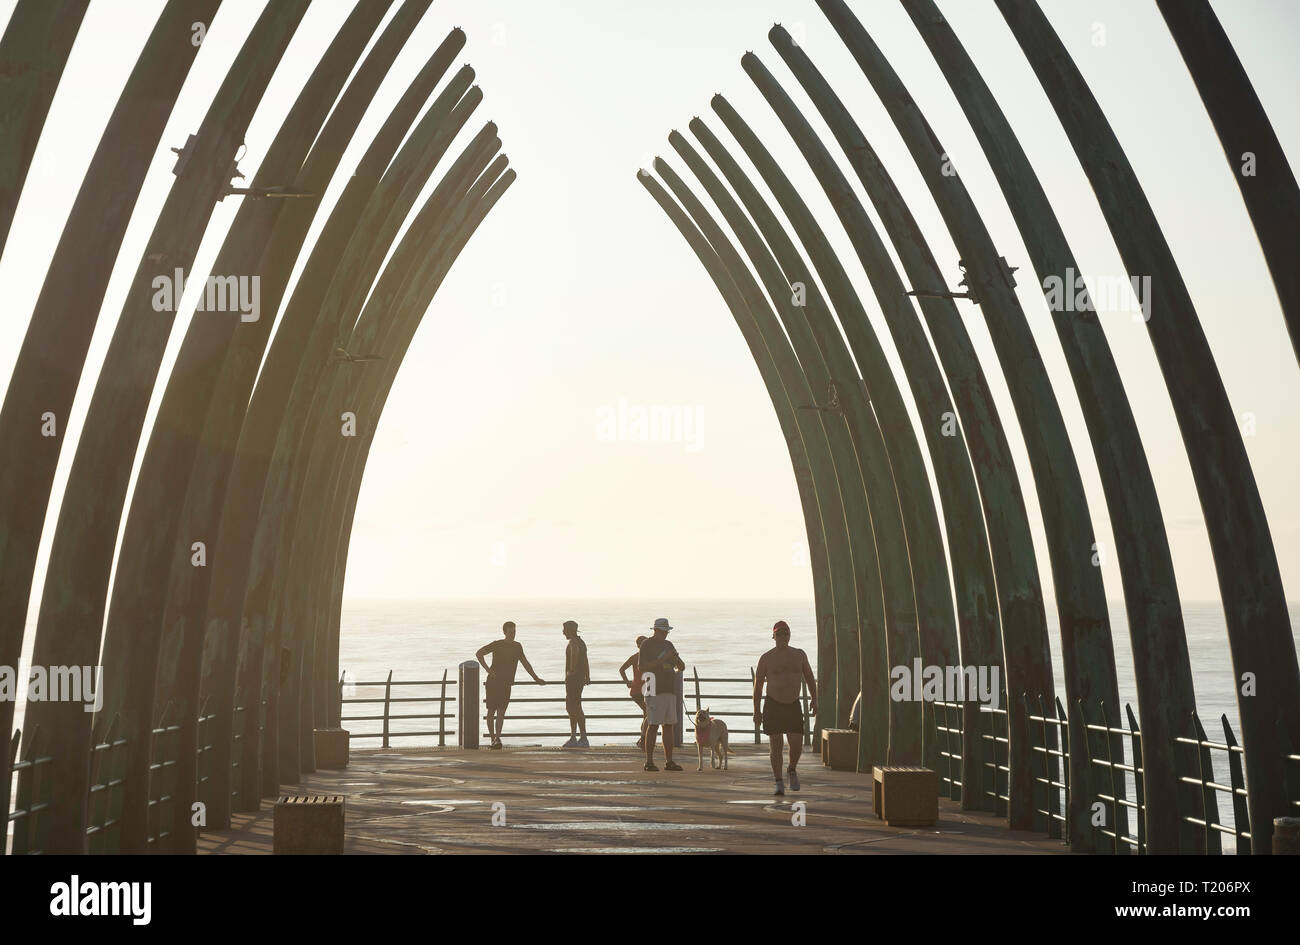 Whalebone Pier at sunrise, Umhlanga Rocks, Umhlanga, KwaZulu-Natal, South Africa - Stock Image